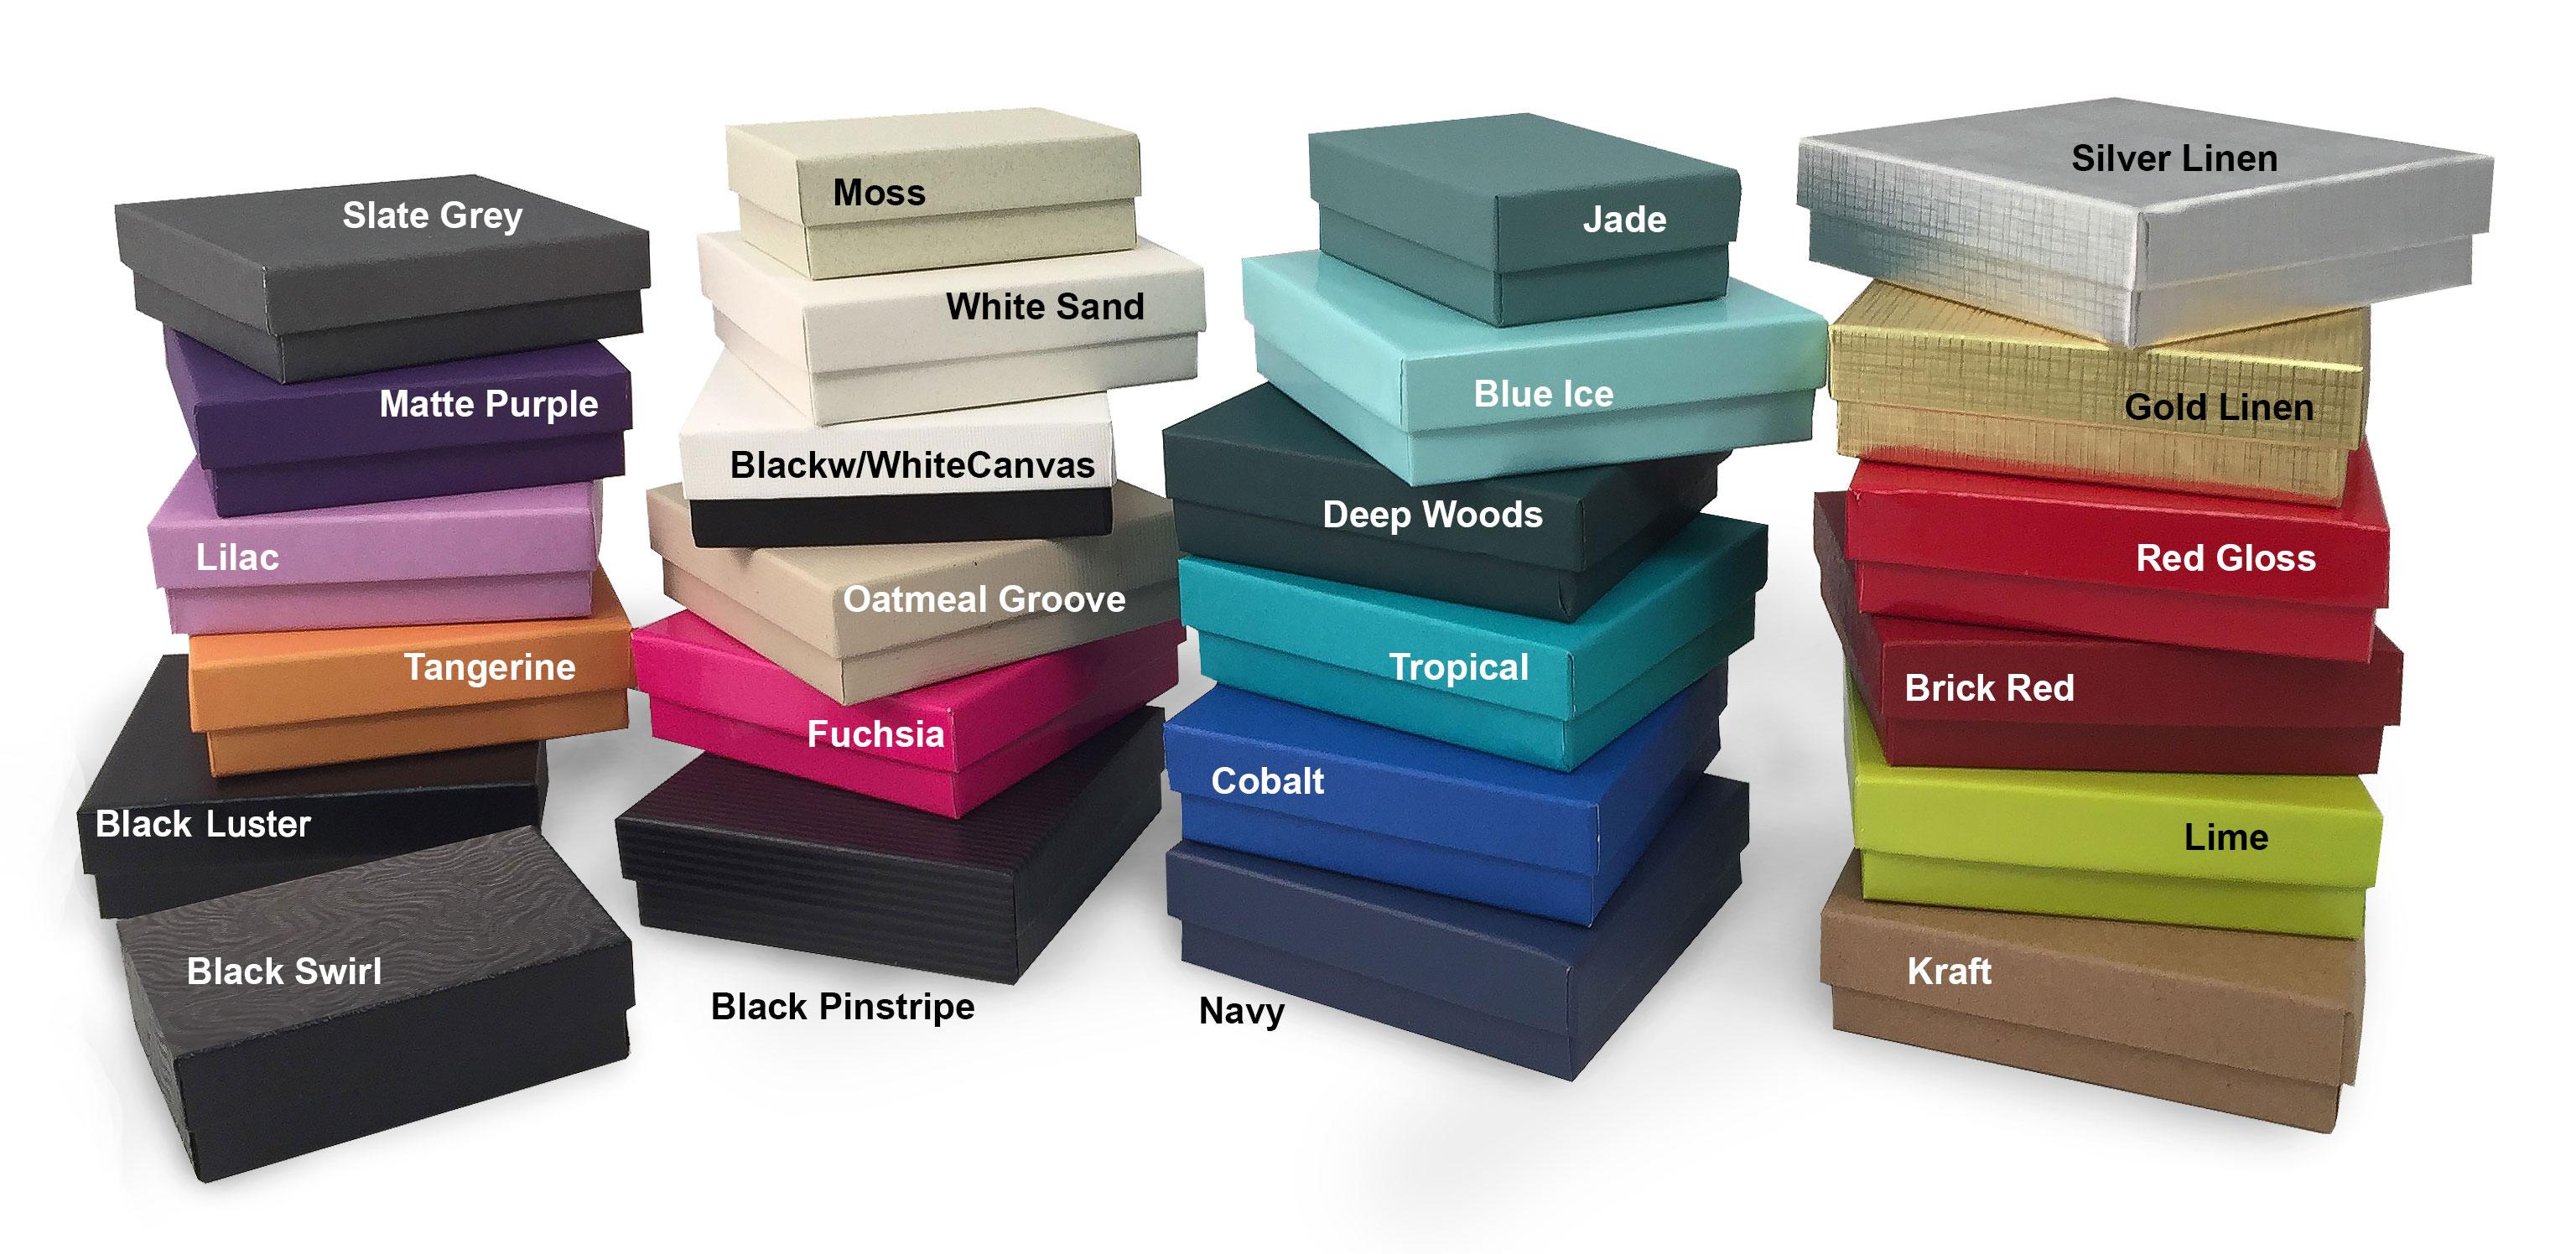 2Piece SetUp Jewelry Box wFiber Insert US Box Corp